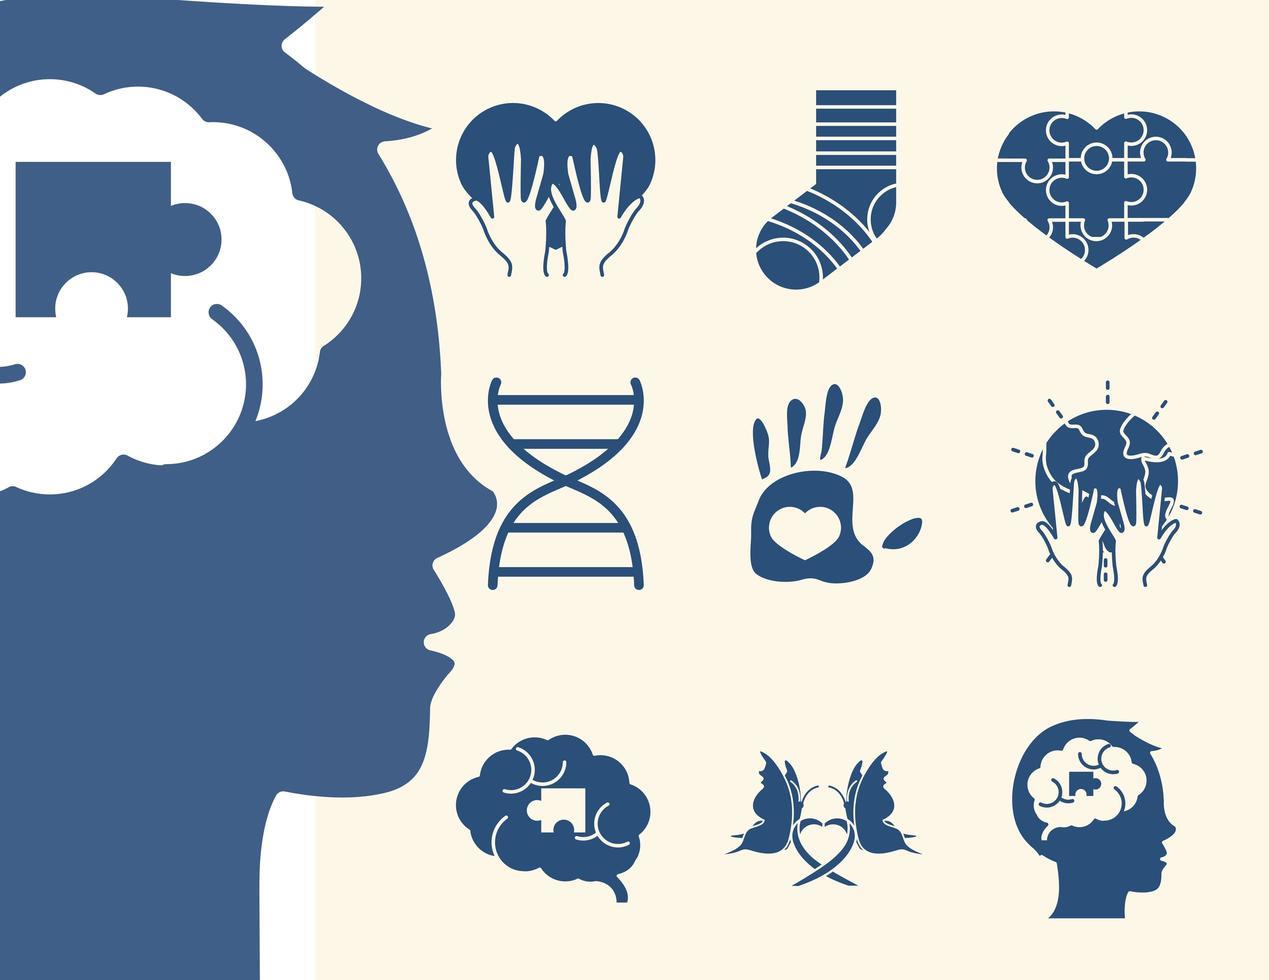 conjunto de ícones de pictograma do dia mundial da síndrome de down vetor